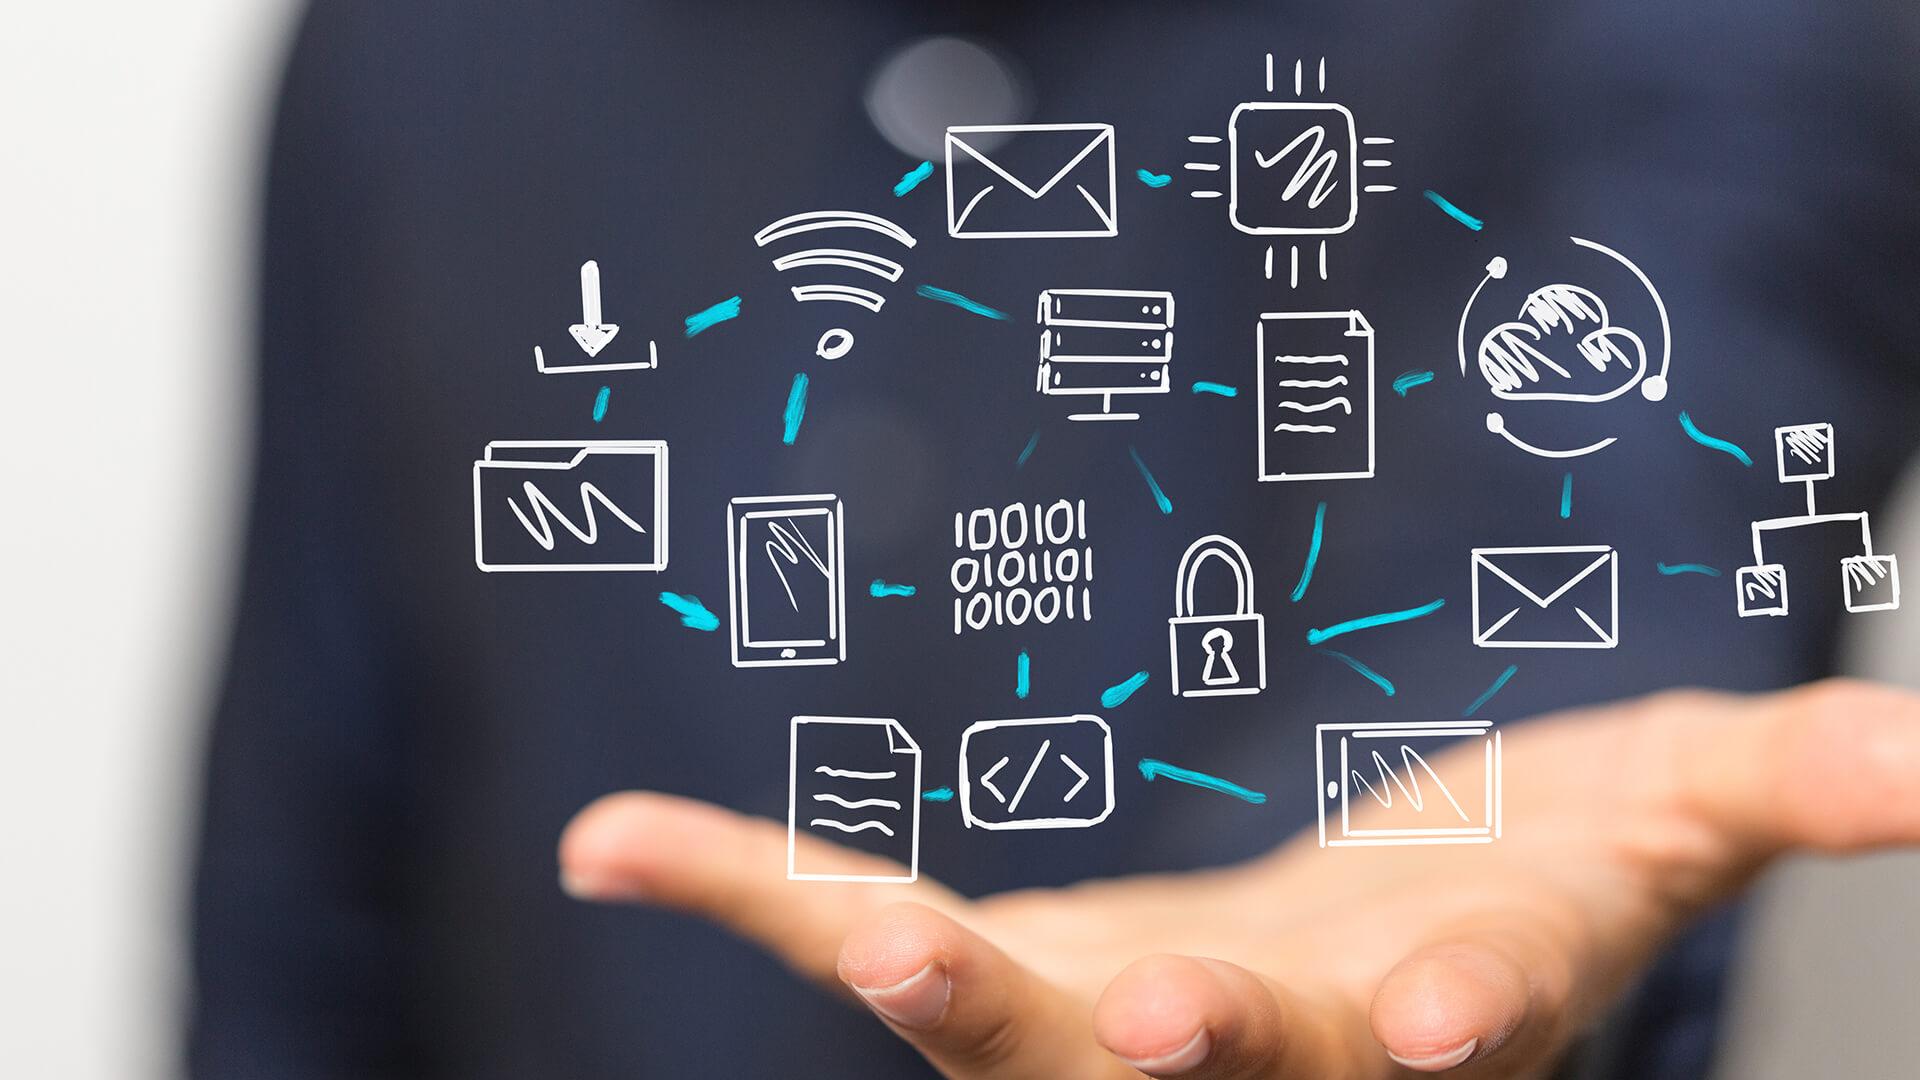 مسئولیت و کارکردهای فناوری اطلاعات IT در سازمانها